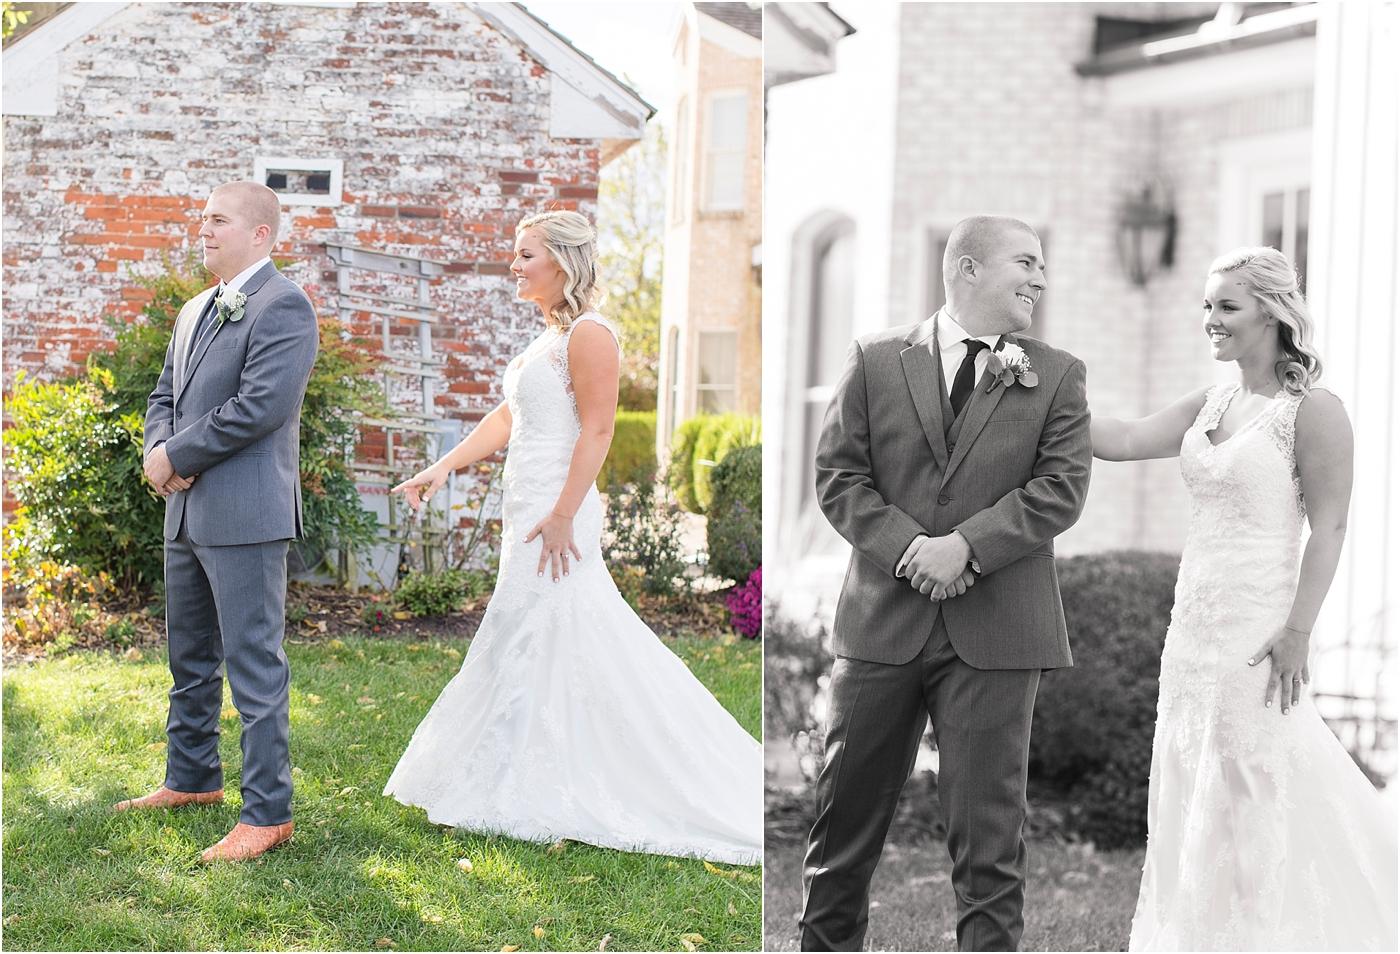 Walkers-Overlook-Wedding-35.jpg